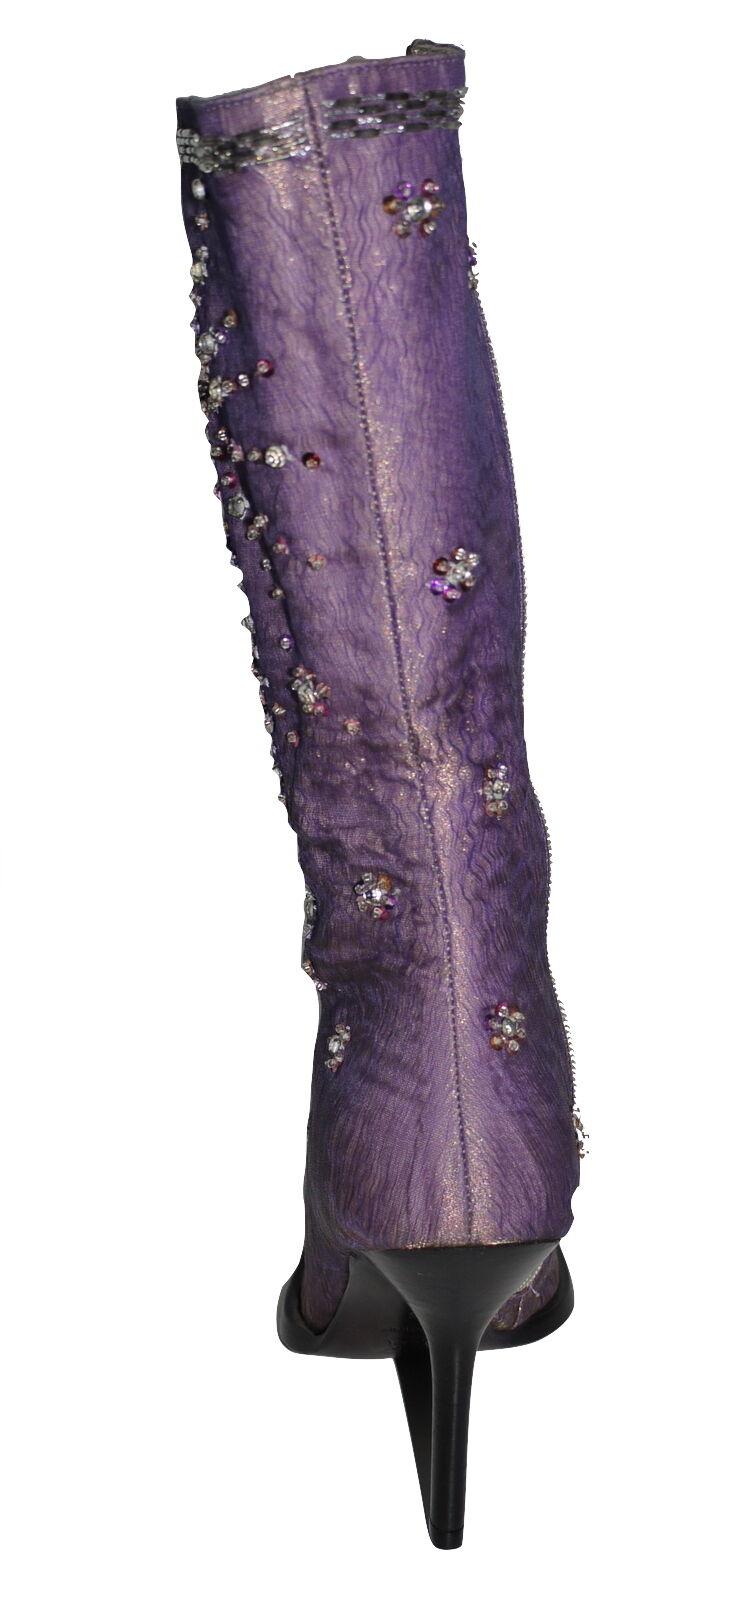 l'autre Chose Lilac 36 Boots UK 3 EU 36 Lilac NWOB 1ff808